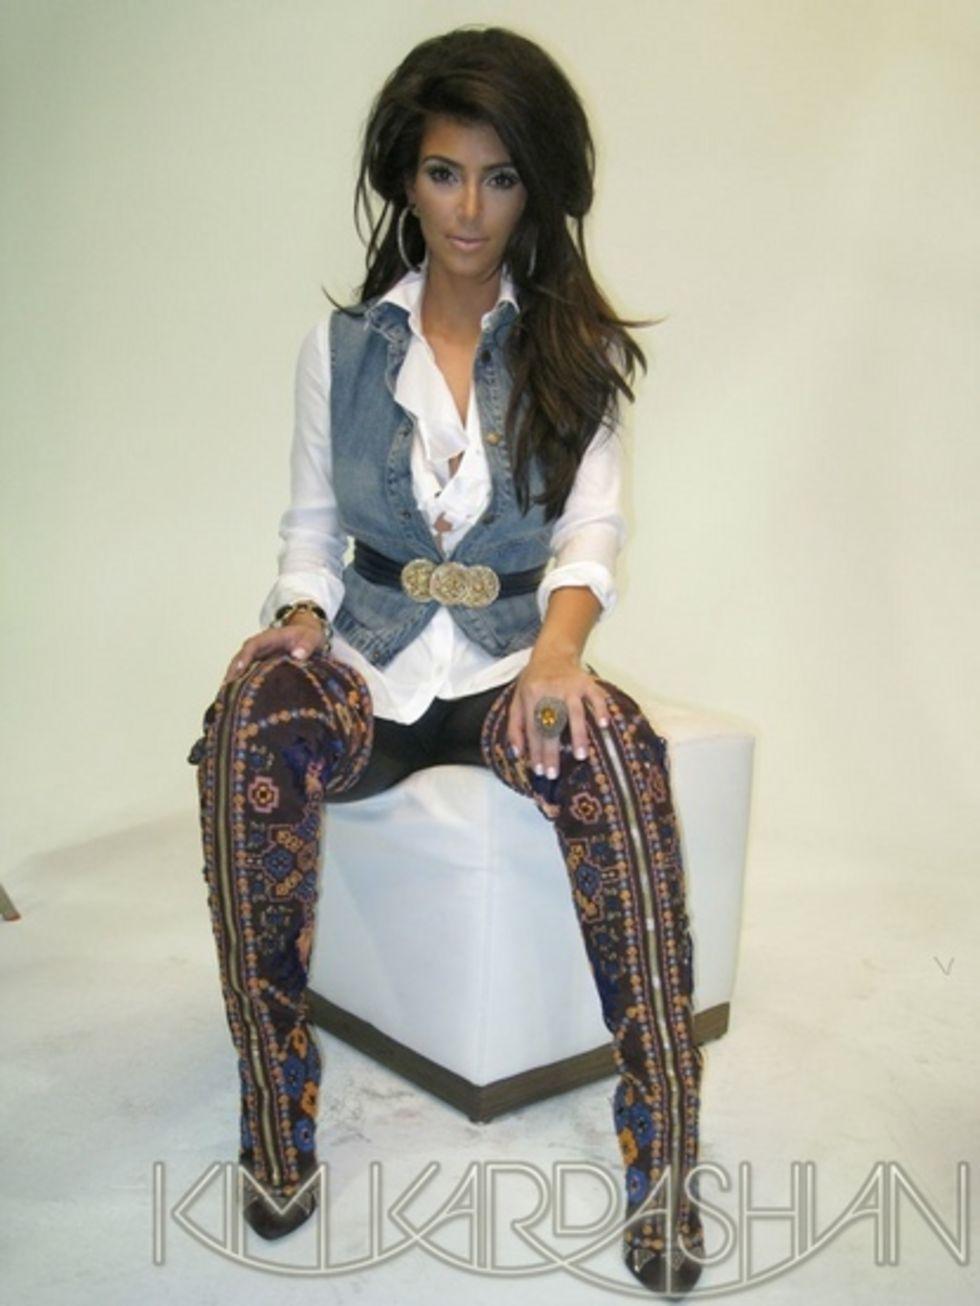 kim-kardashian-vegas-magazine-november-2008-lq-01